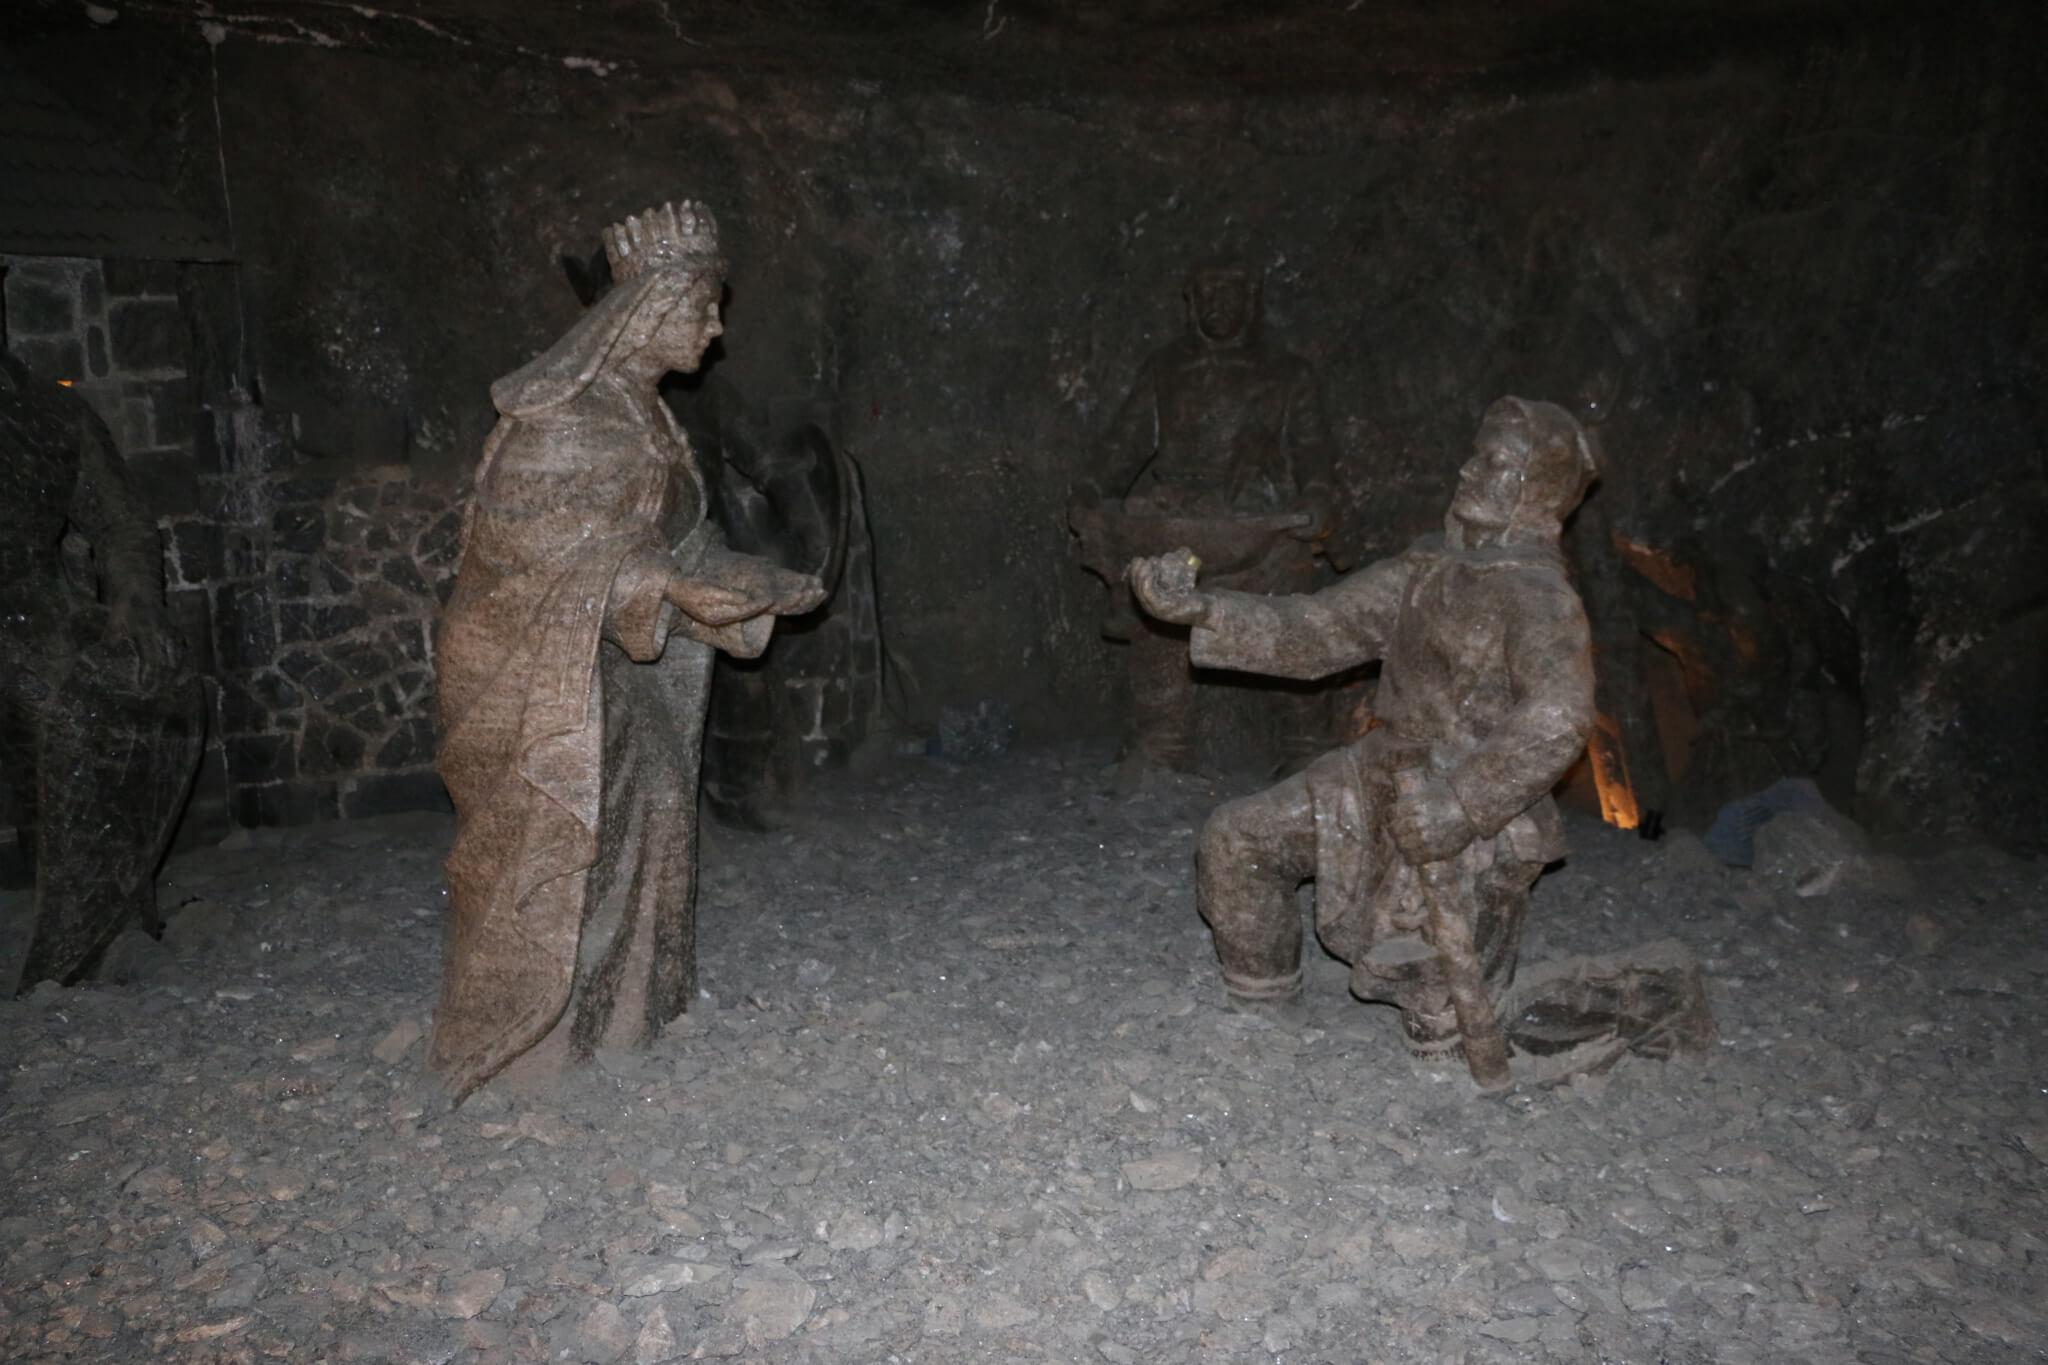 Kopalnia Soli, Wieliczka